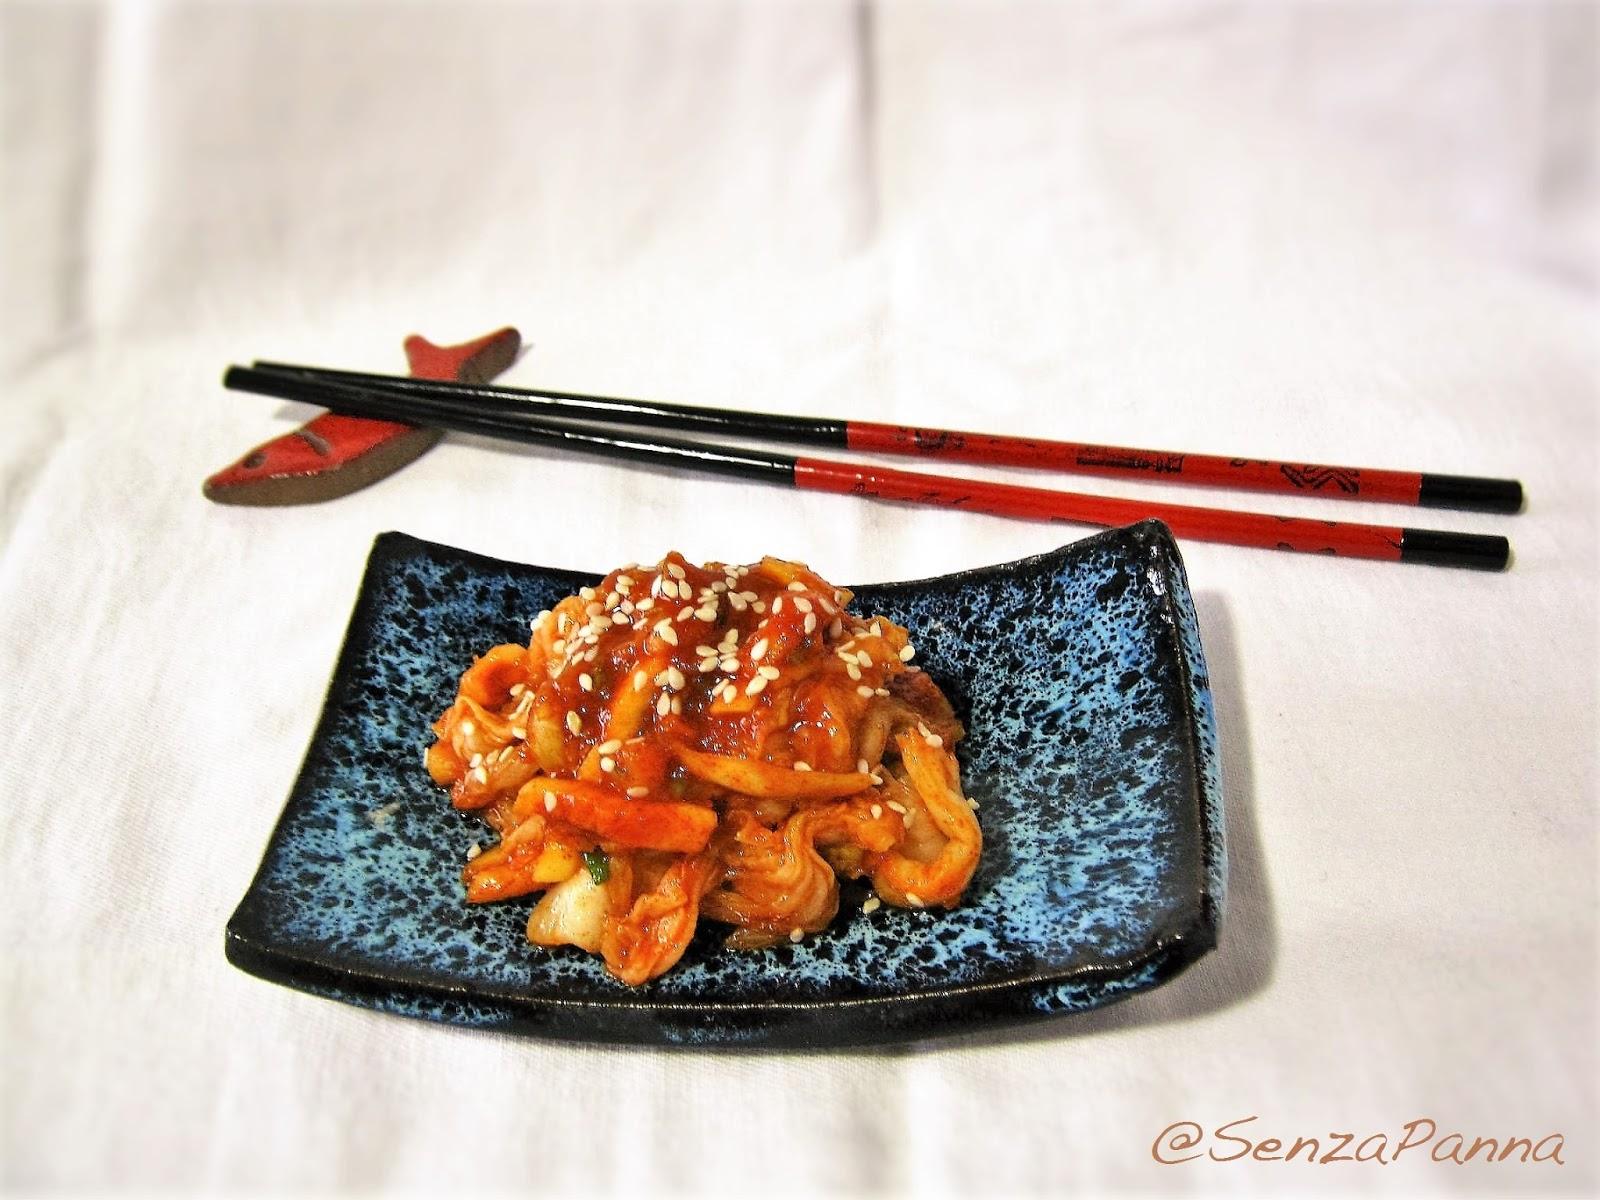 Senzapanna baechu geotjeori o fresh kimchi cucina for Cucina coreana